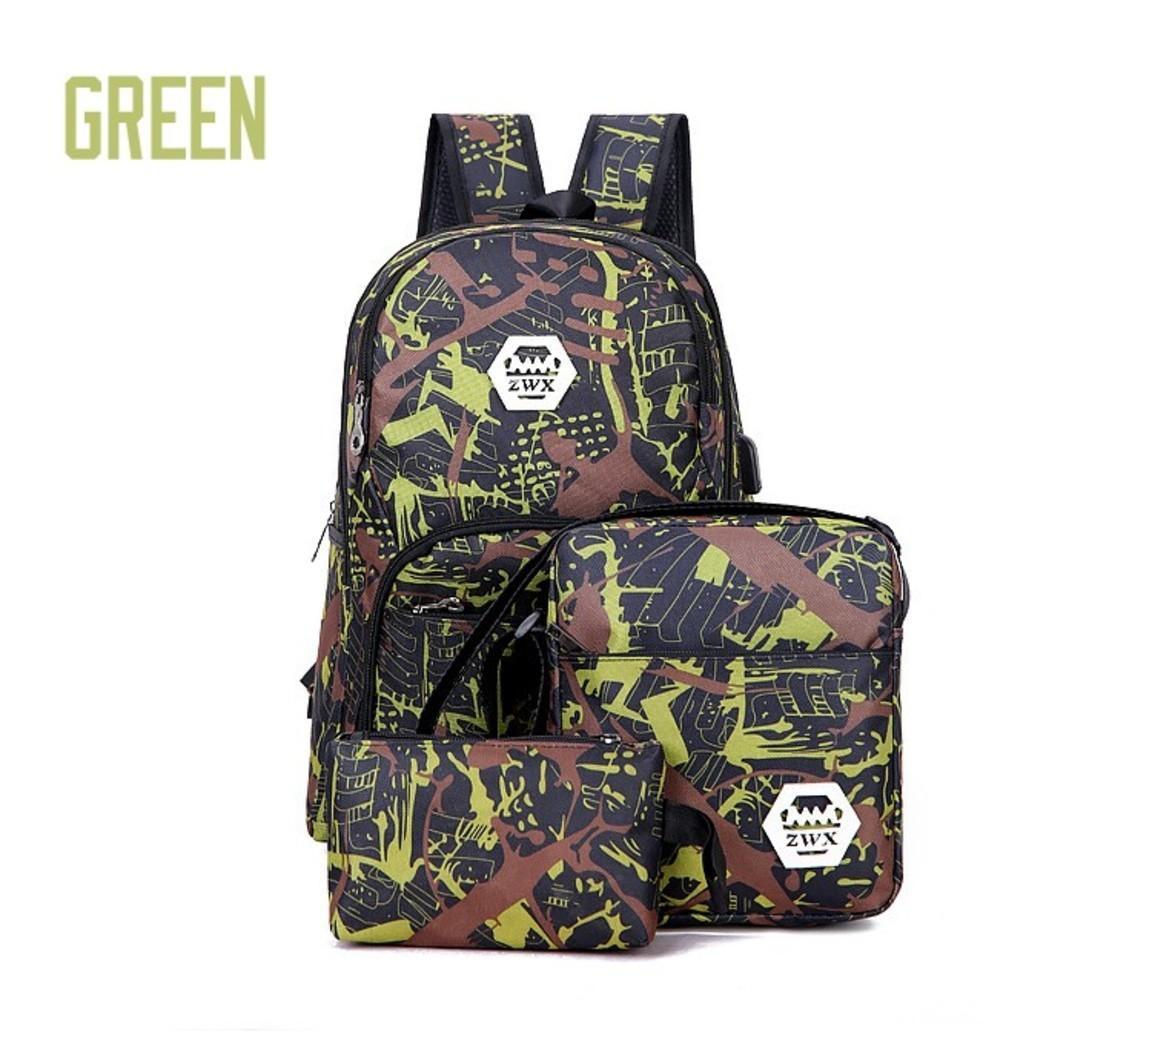 2022 Keiner Outdoor-Taschen Camouflage Reiserucksack Computertasche Oxford Bremskette Mittelschule Student Bag viele Mix